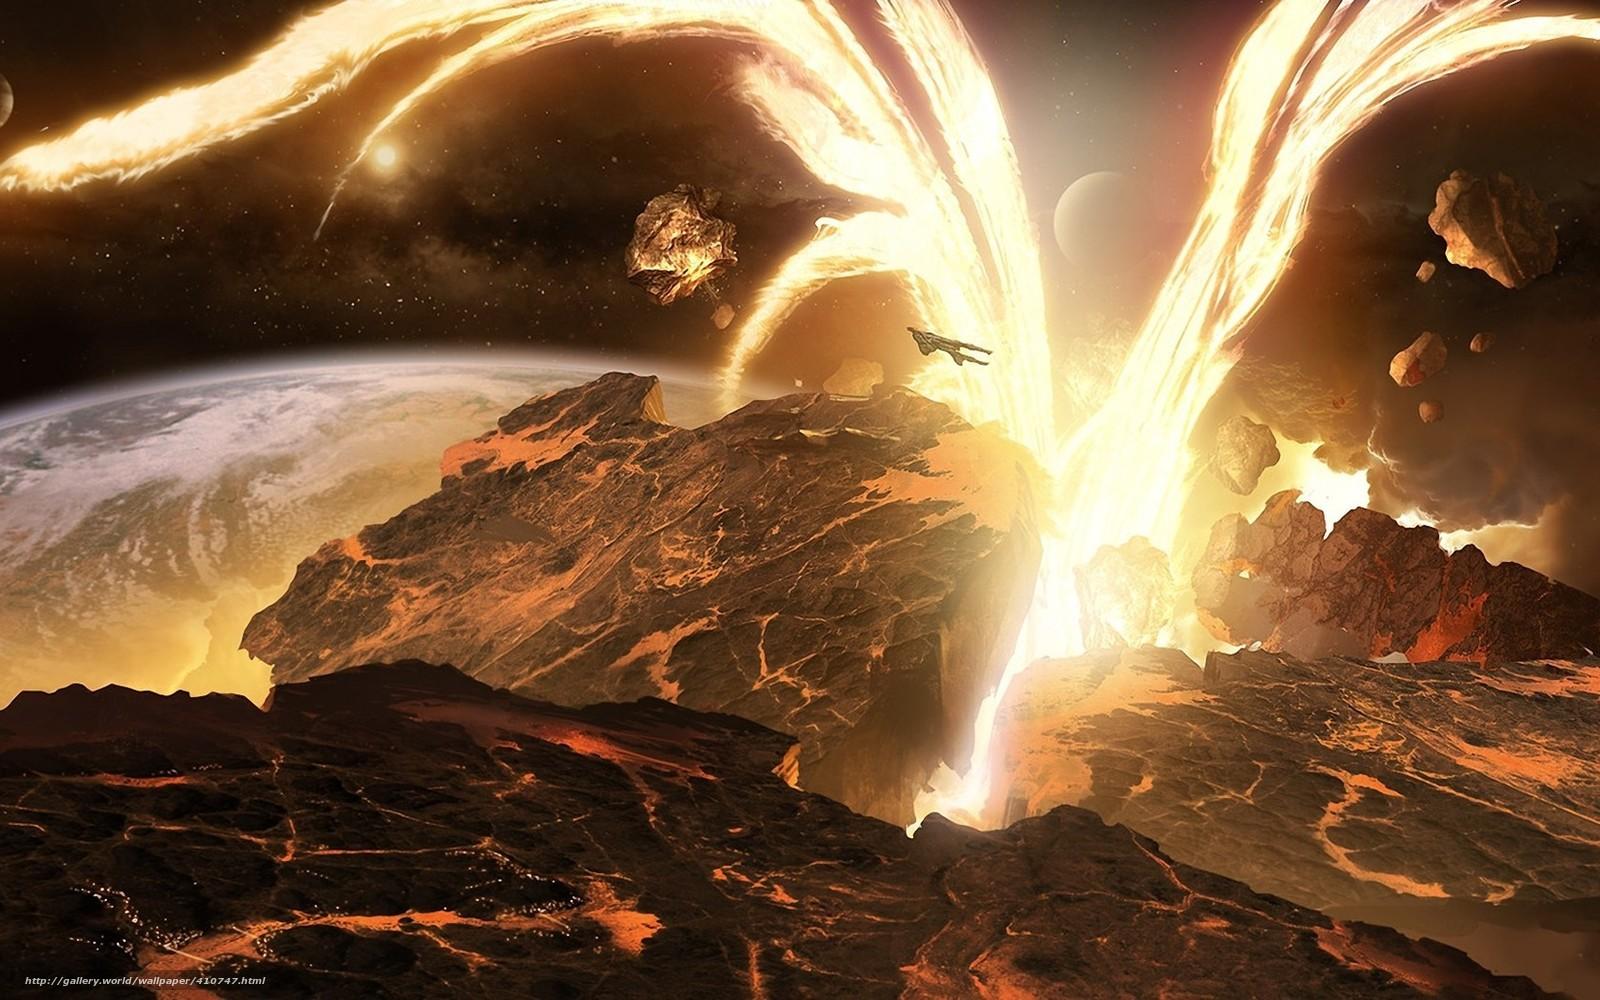 Скачать на телефон обои фото картинку на тему арт, космос, планета, корабль, разлом, разрушение, лава, энергия, взрыв, обломки, реки, лес, ландшафт, поверхность, разширение 1680x1050